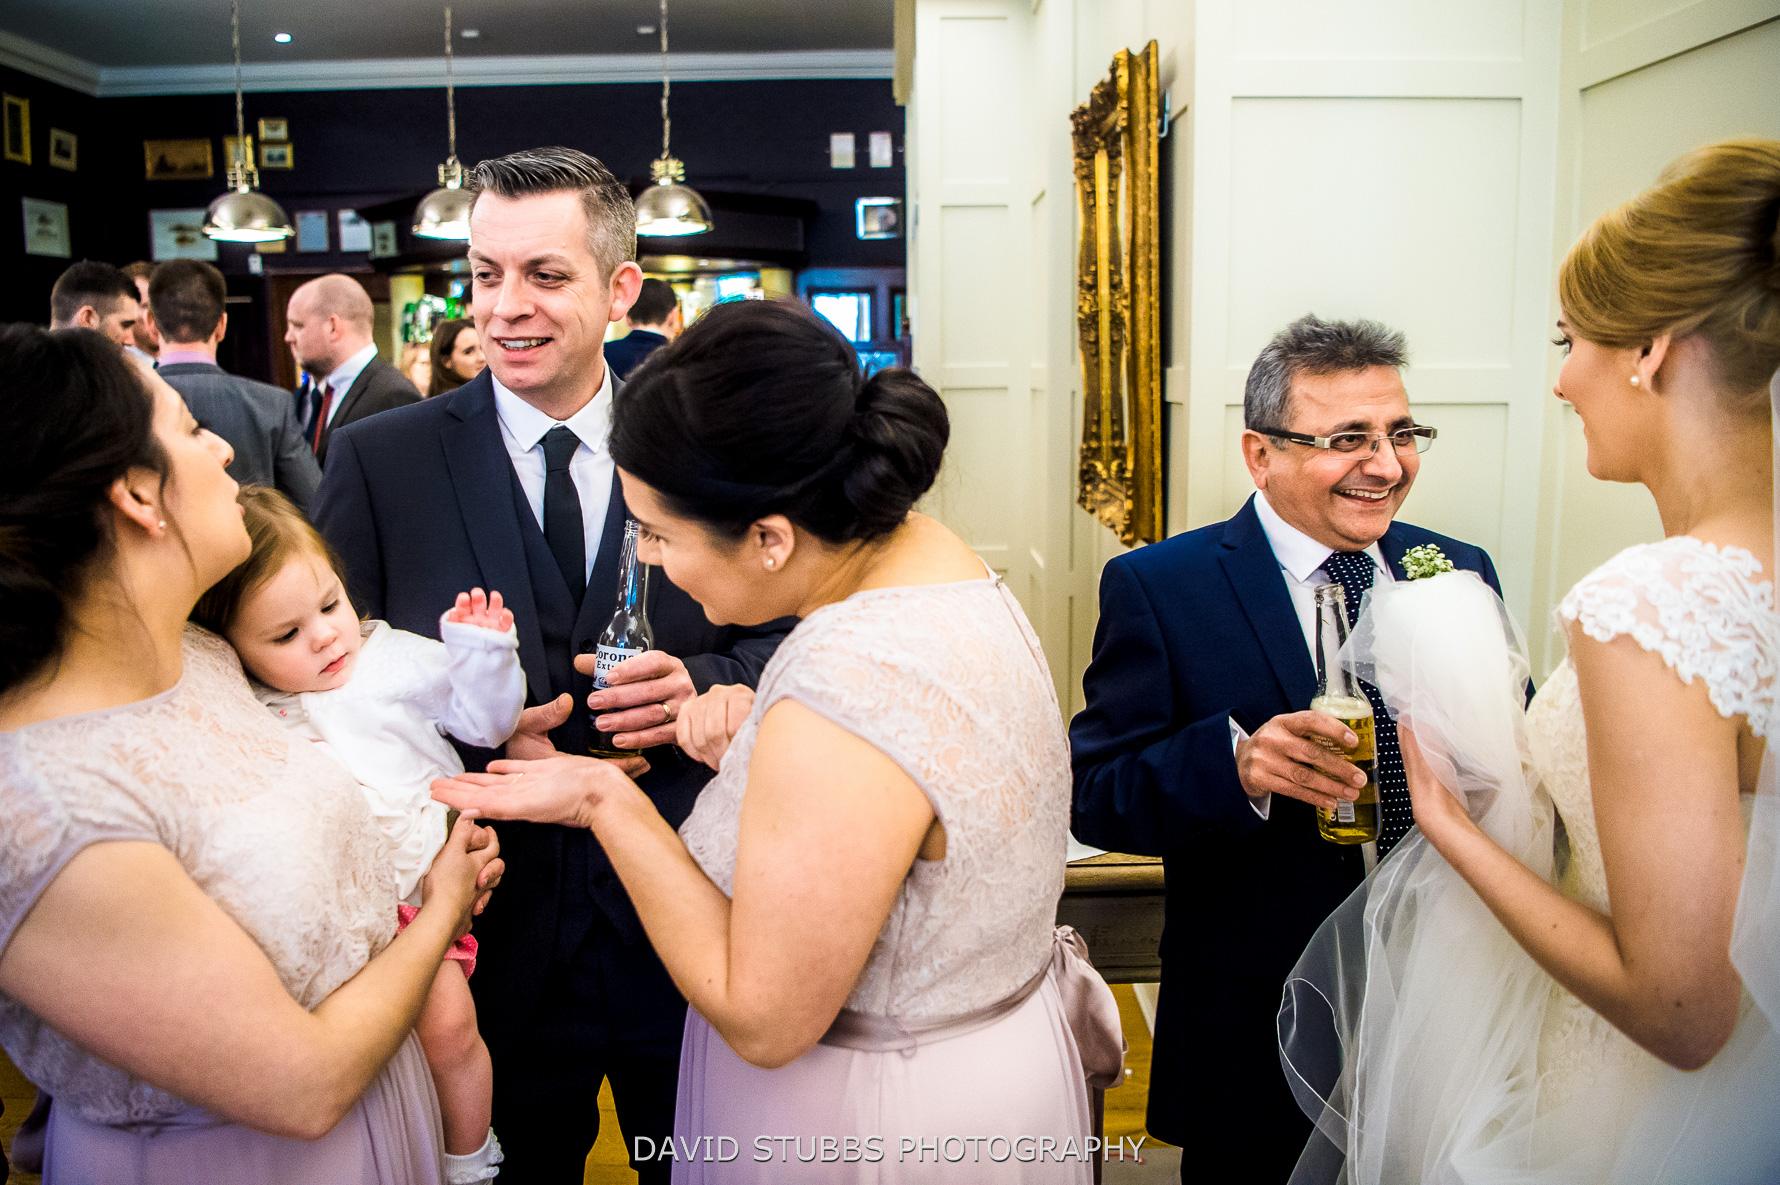 double image of wedding